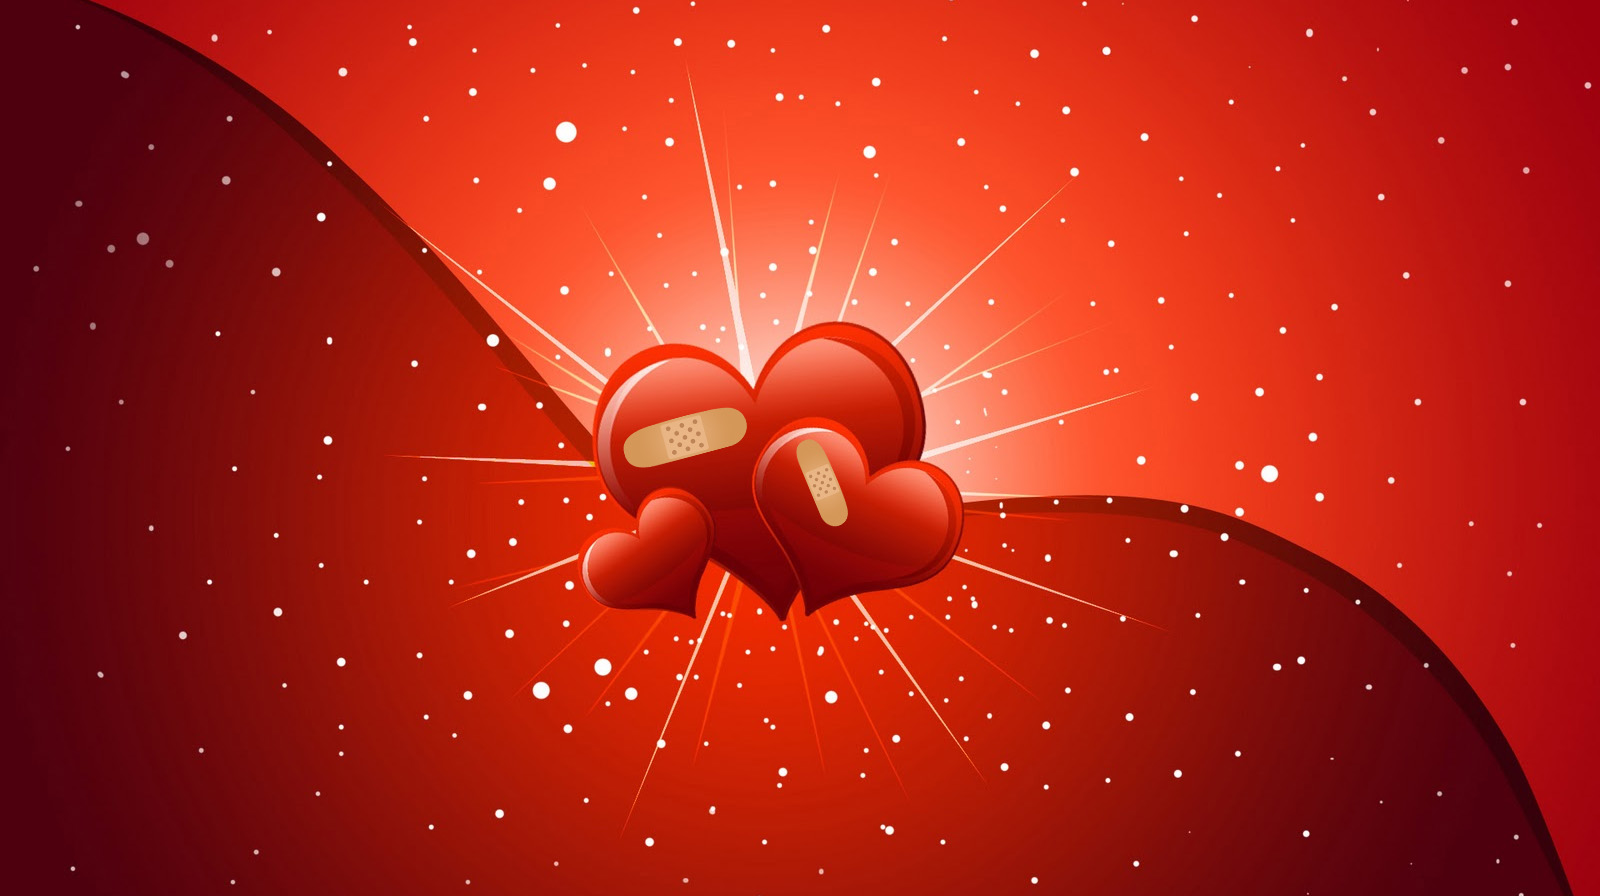 Праздником, видео открытка с сердечком